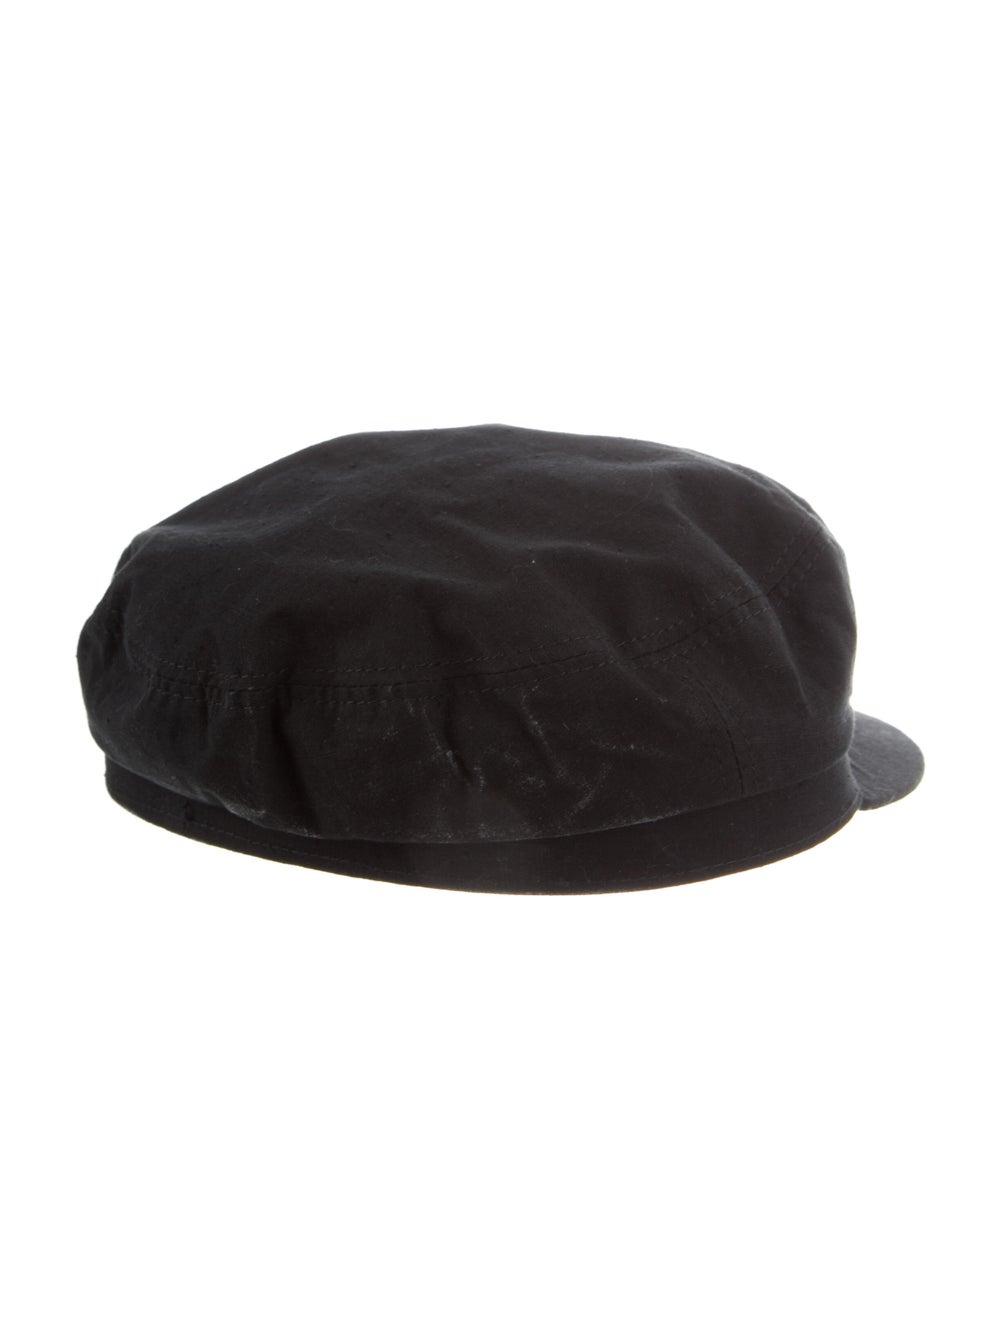 Isabel Marant Newsboy Hat Black - image 2